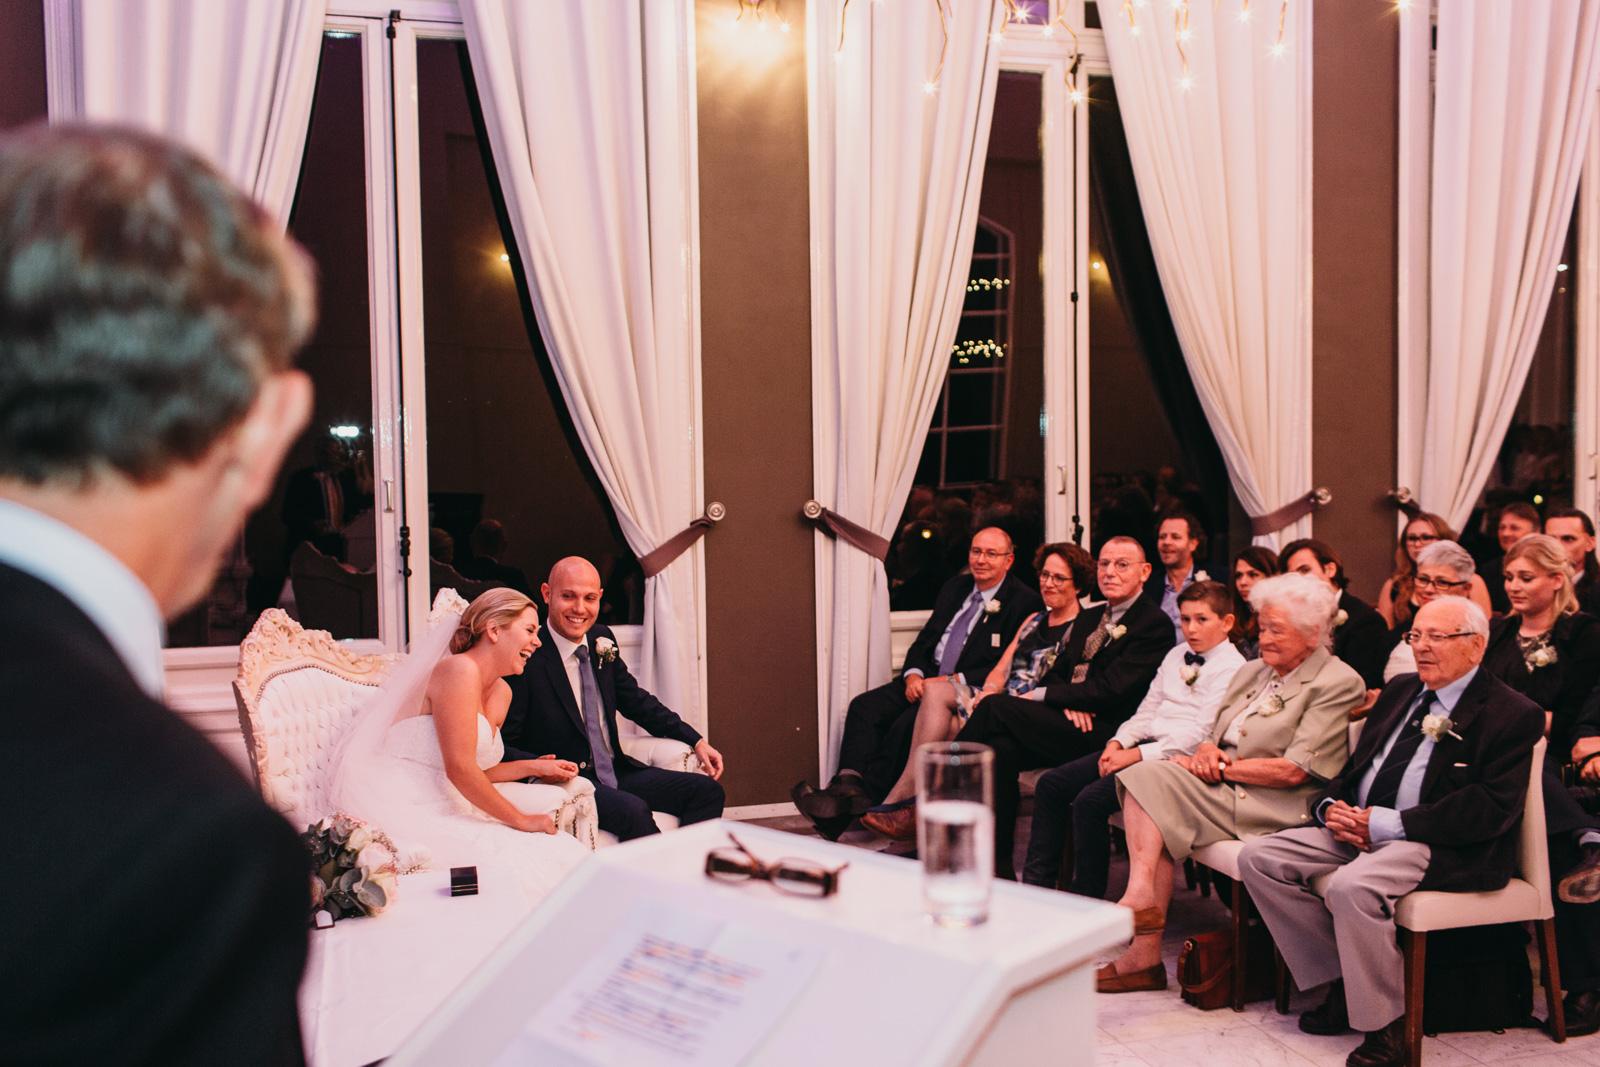 Evabloem_wedding_martine-en-jurriaan-11.jpg